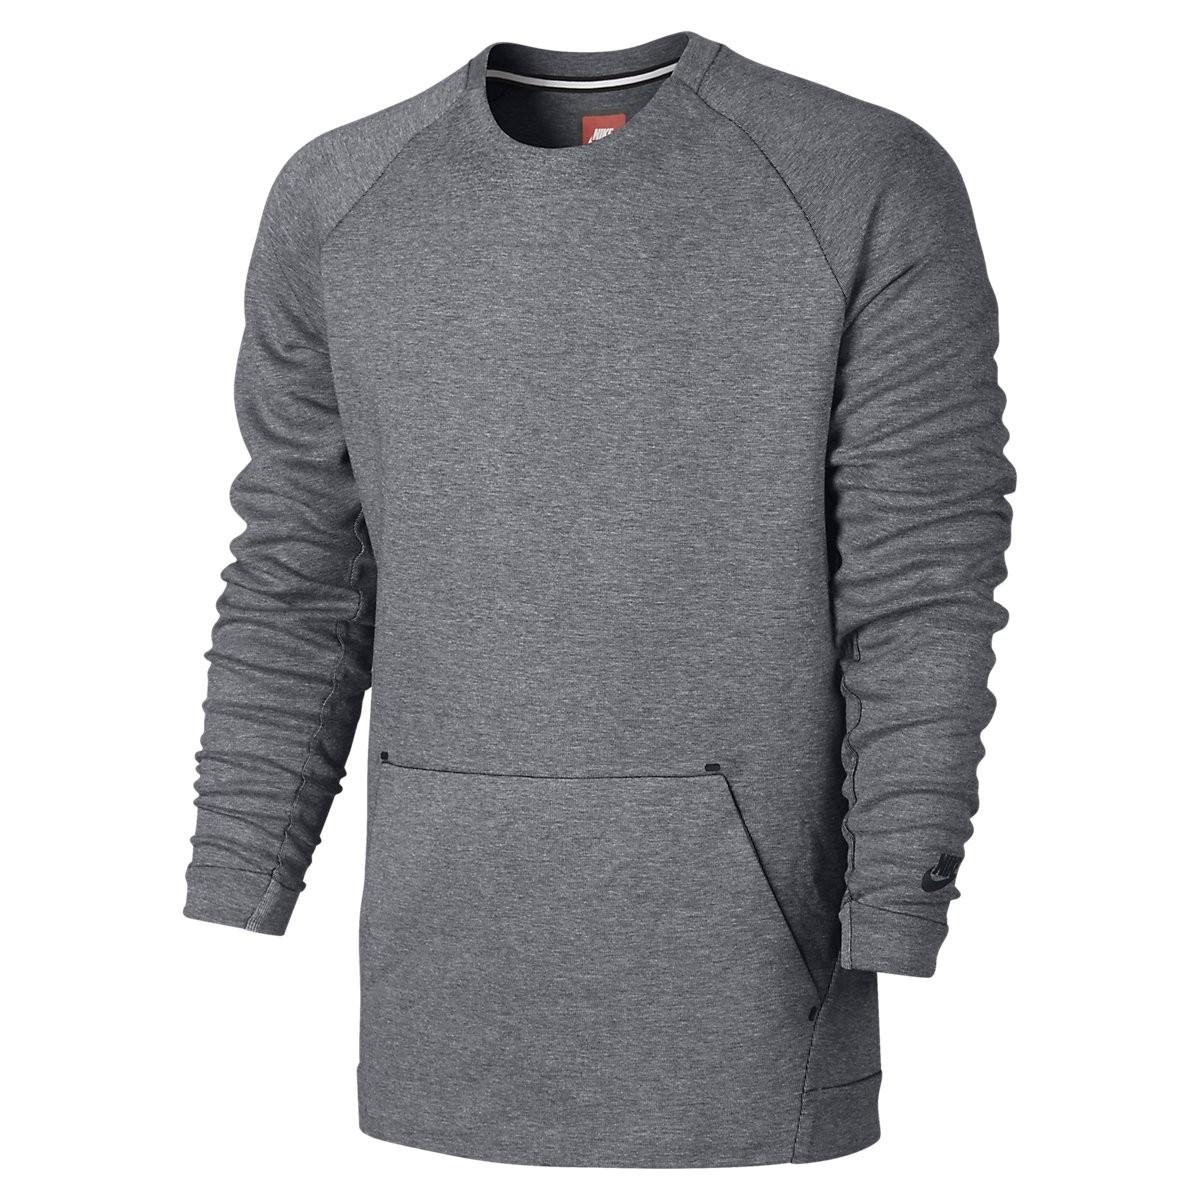 Nike Tech Fleece Crew Sweater GRIJS online kopen bij Sportpaleis.